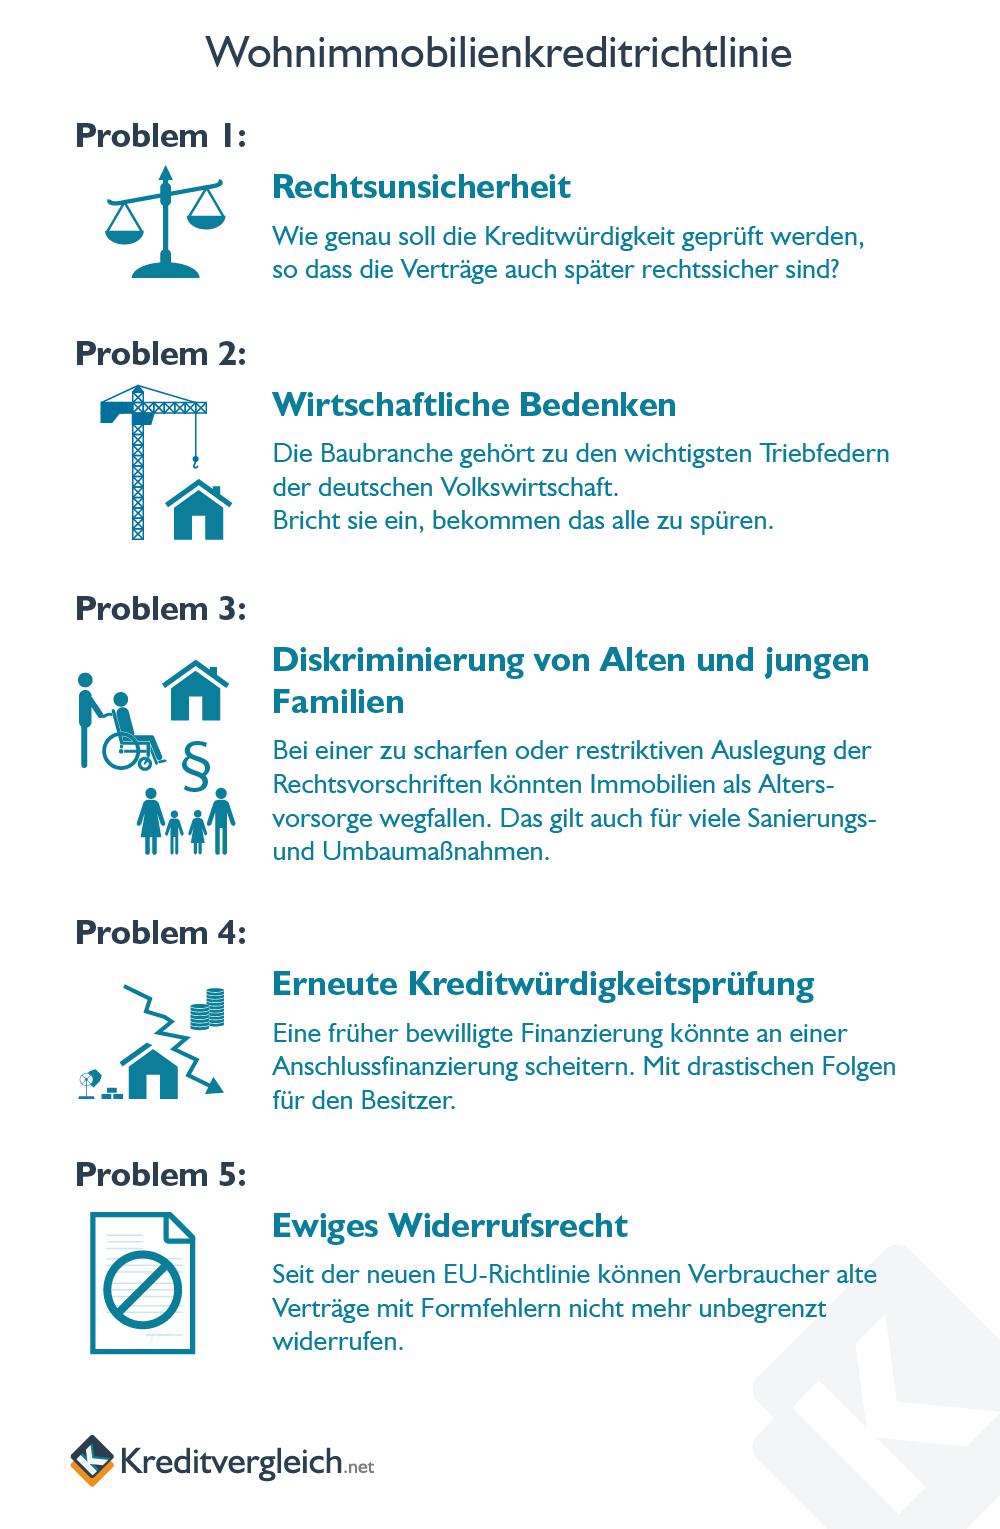 Kurzbeschreibung der wichtigsten Probleme beid er Wohnimmobilienkreditrichtlinie in einer Infografik